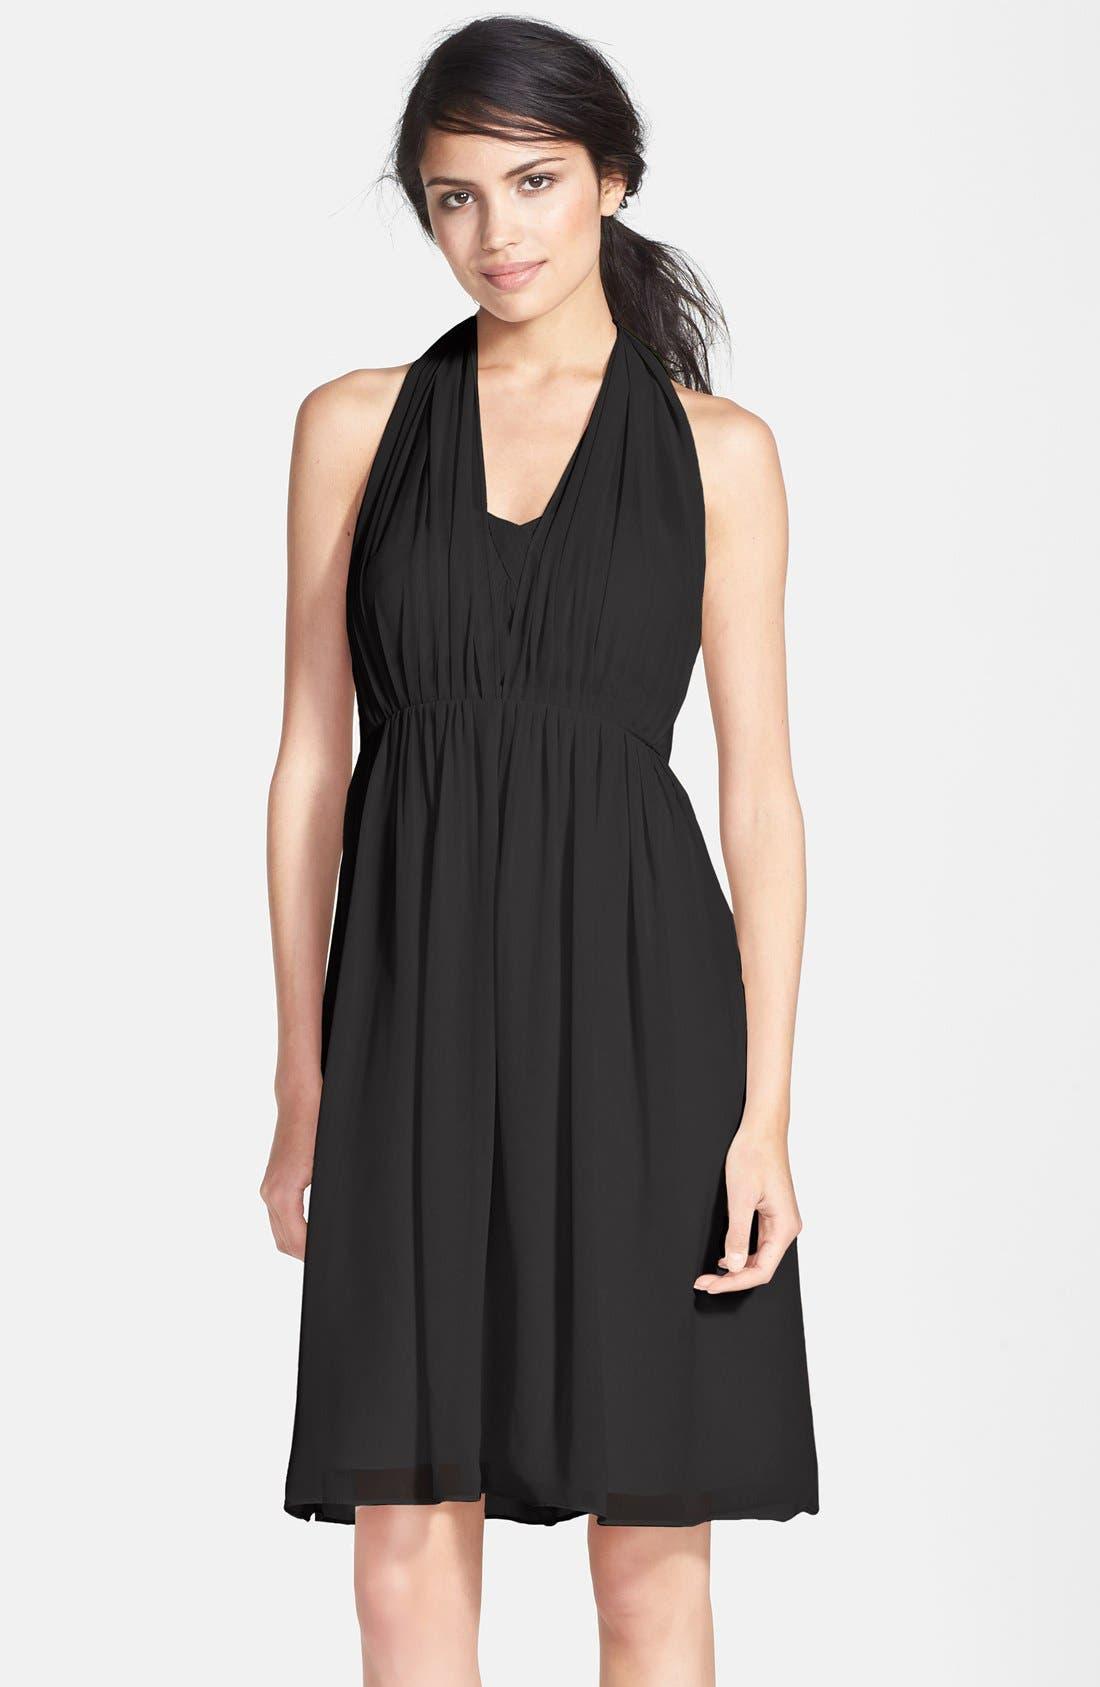 JENNY YOO, Keira Convertible Strapless Chiffon Dress, Main thumbnail 1, color, 001